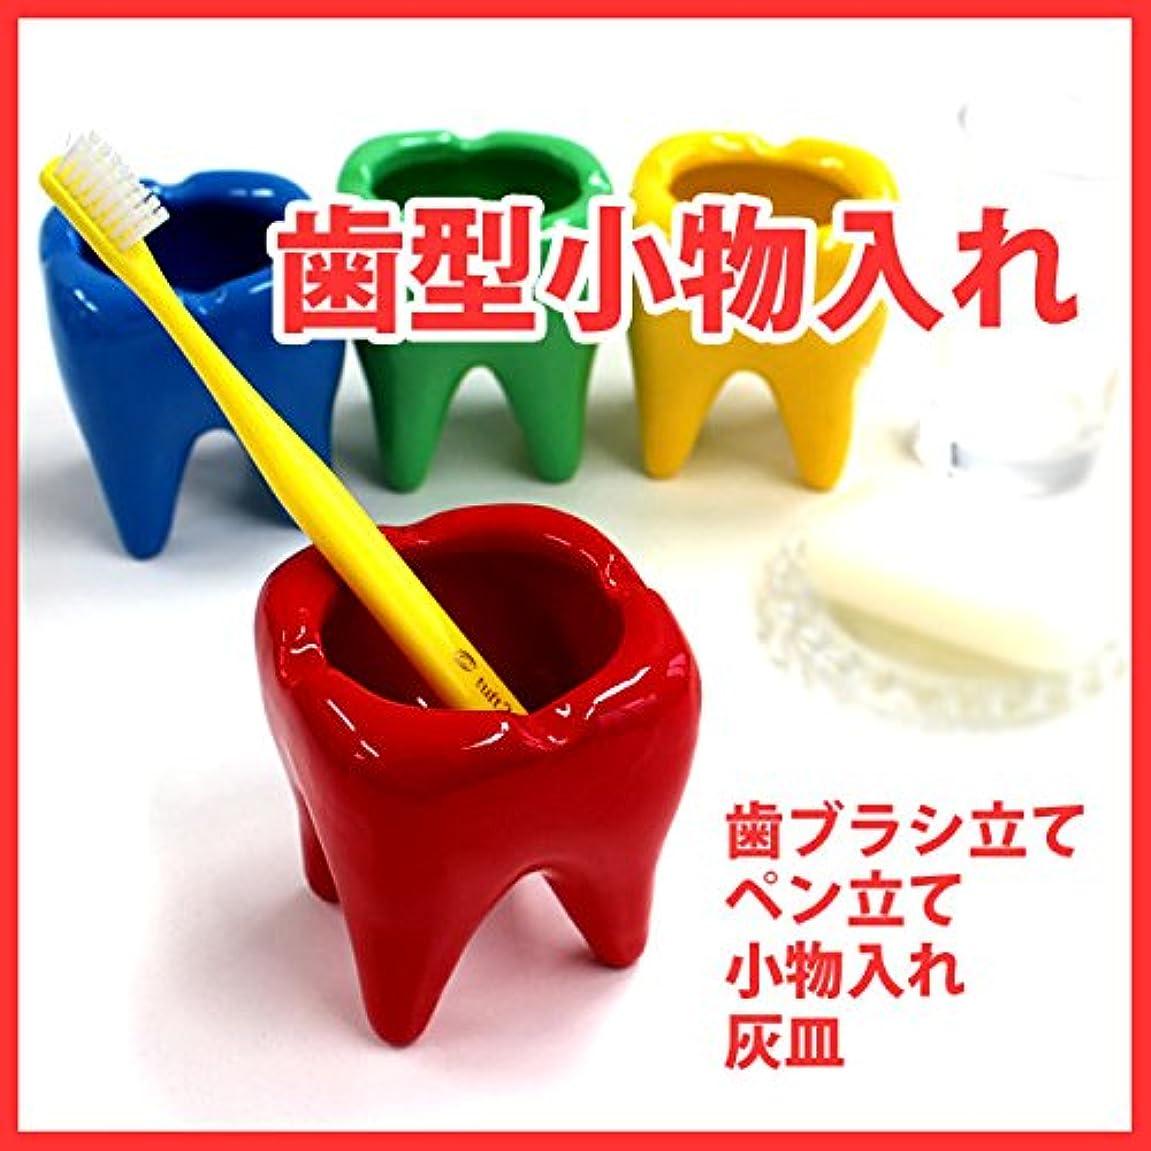 ブラジャー肉腫突然シーアイ 歯型インテリア・小 (アッシュトレー・小物入れ)単品 ブルー 33975